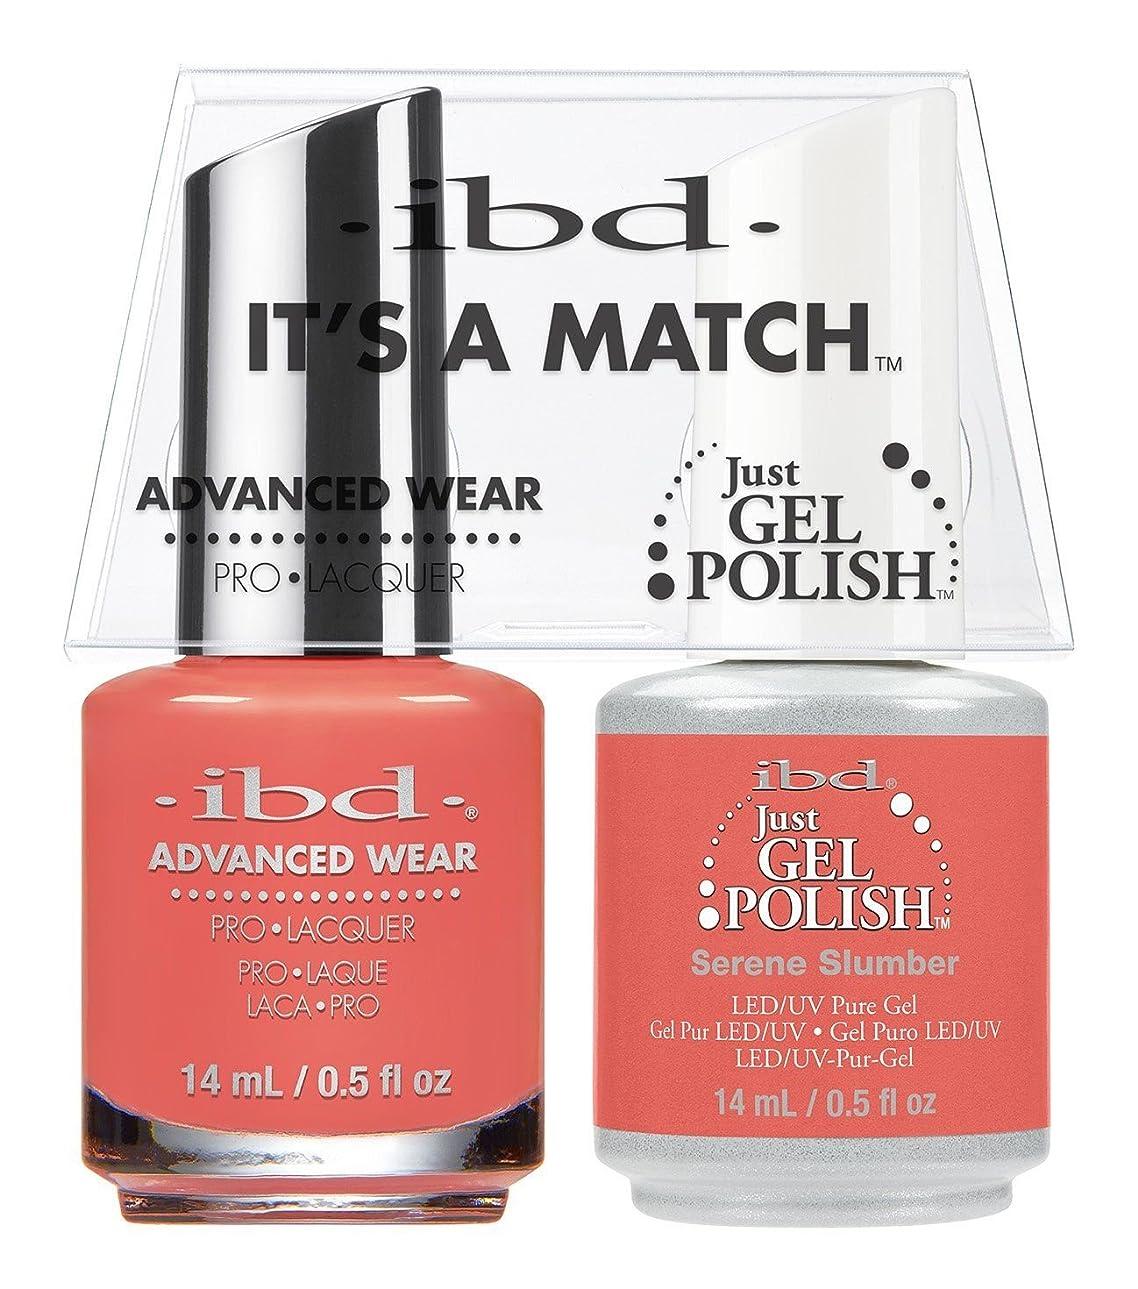 ウミウシうまれた細菌ibd - It's A Match -Duo Pack- Serene Slumber - 14 mL / 0.5 oz Each